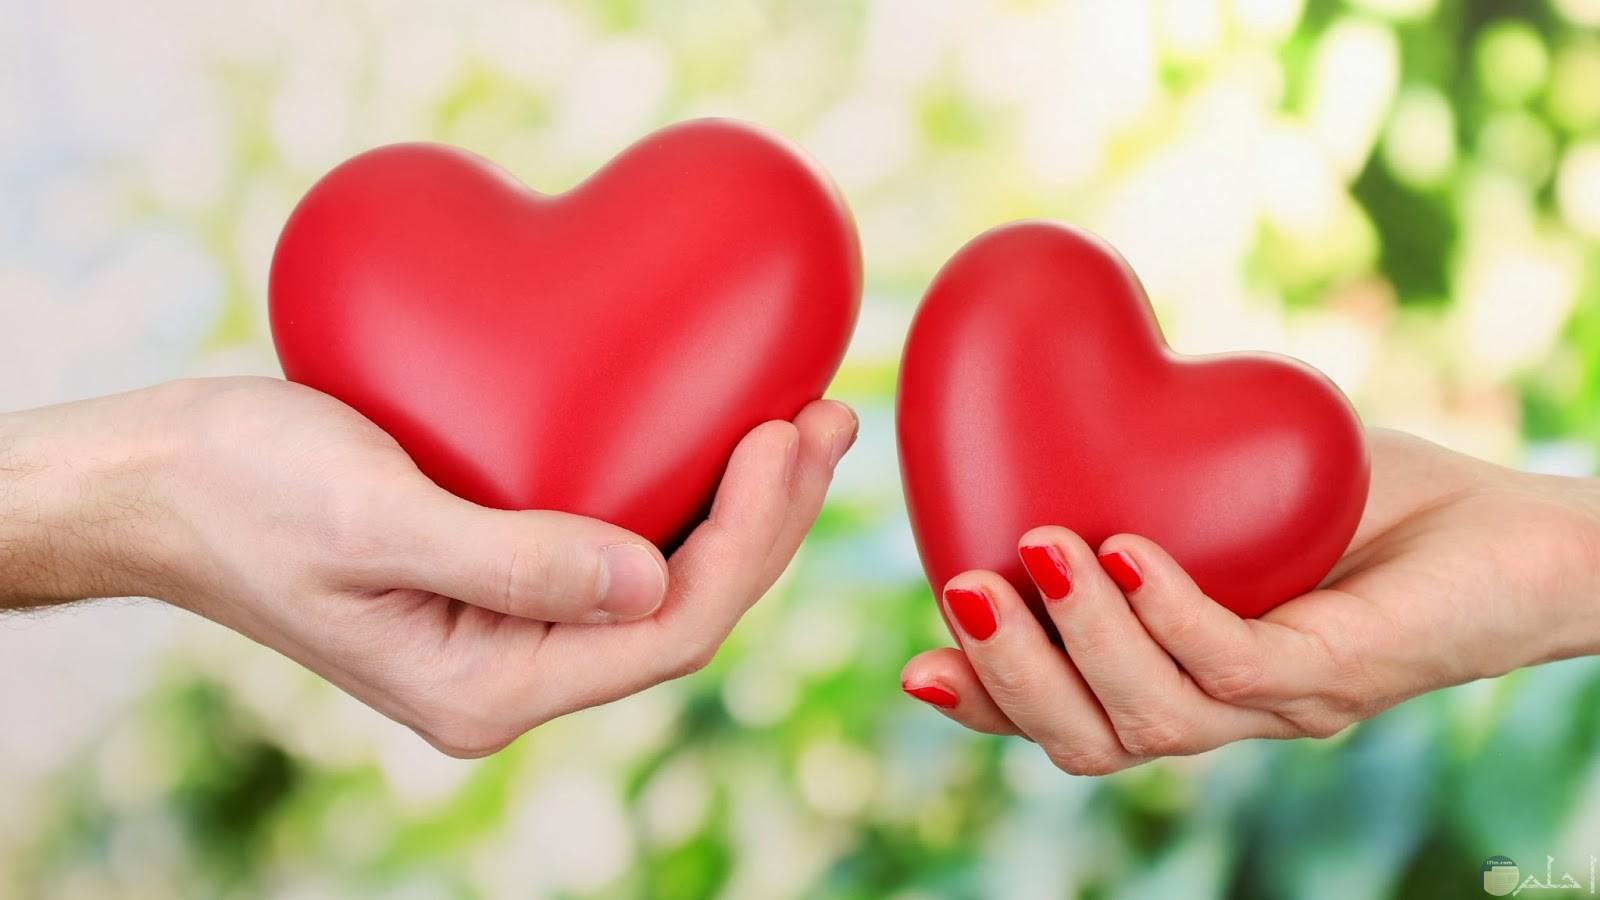 قلوب حمراء تمسكها يد فتاة و يد ولد.